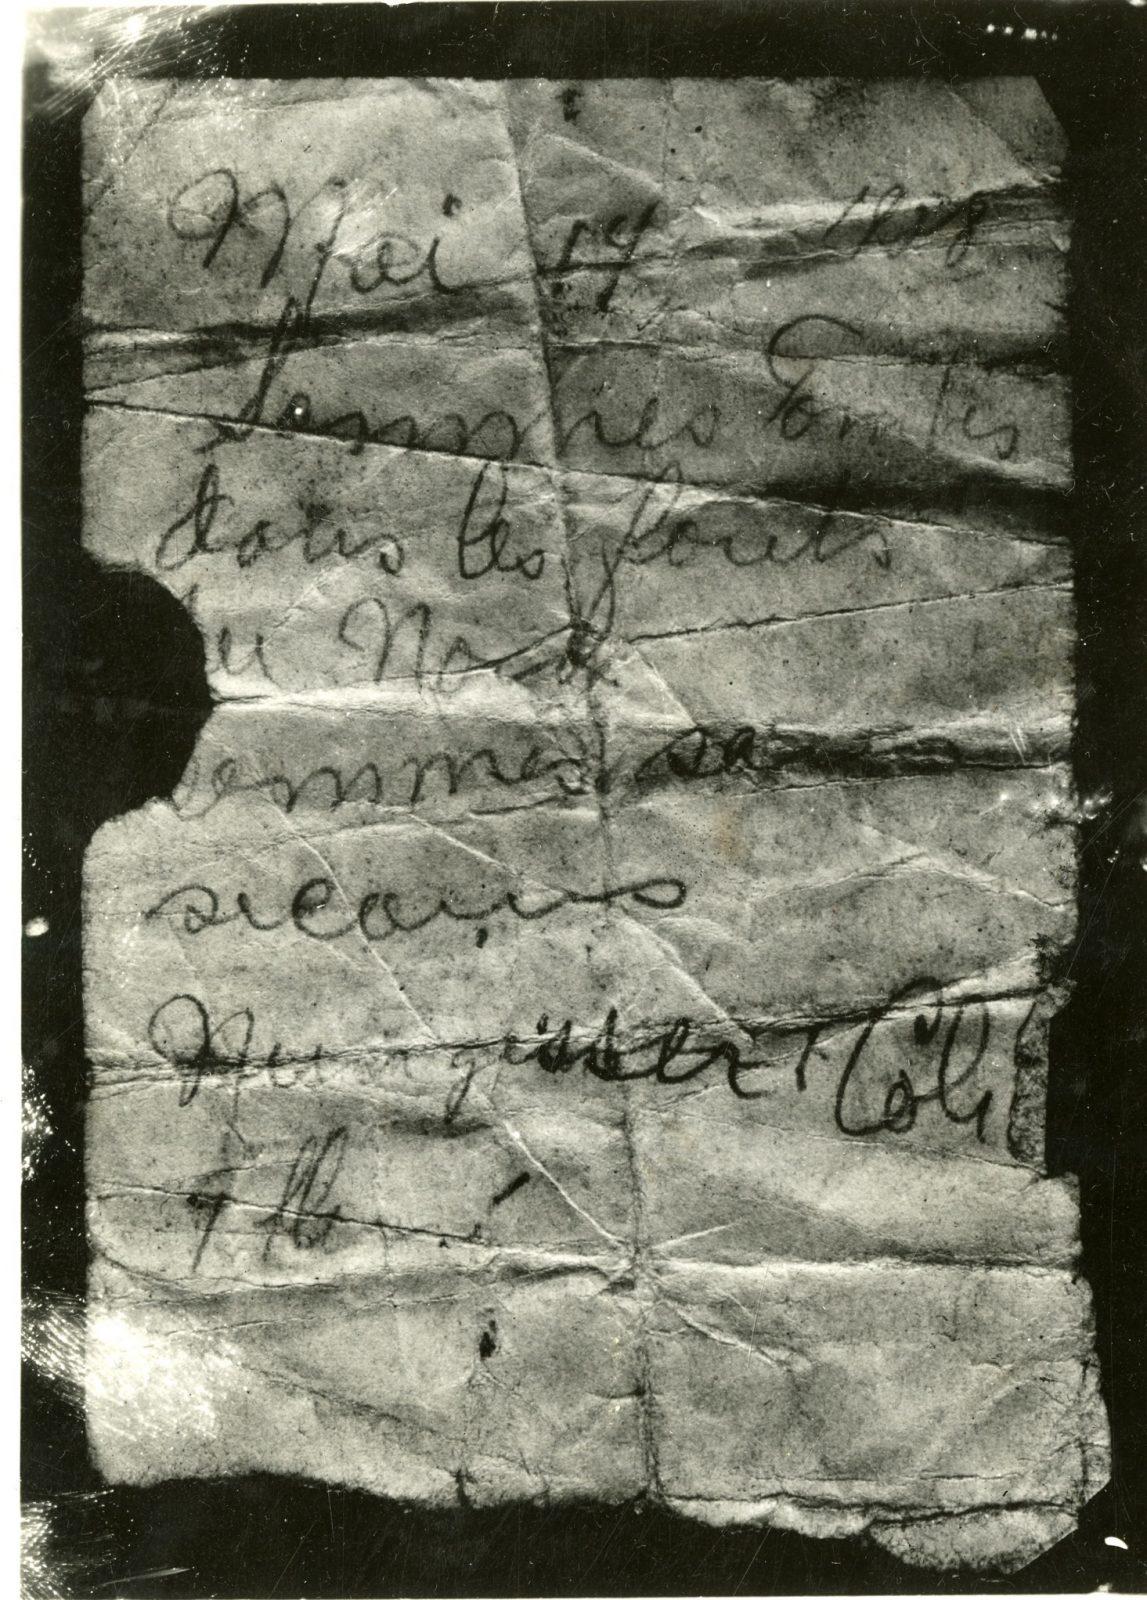 Le mystère du message dans la bouteille de la rivière Péribonka : Simple canular ou découverte incroyable?